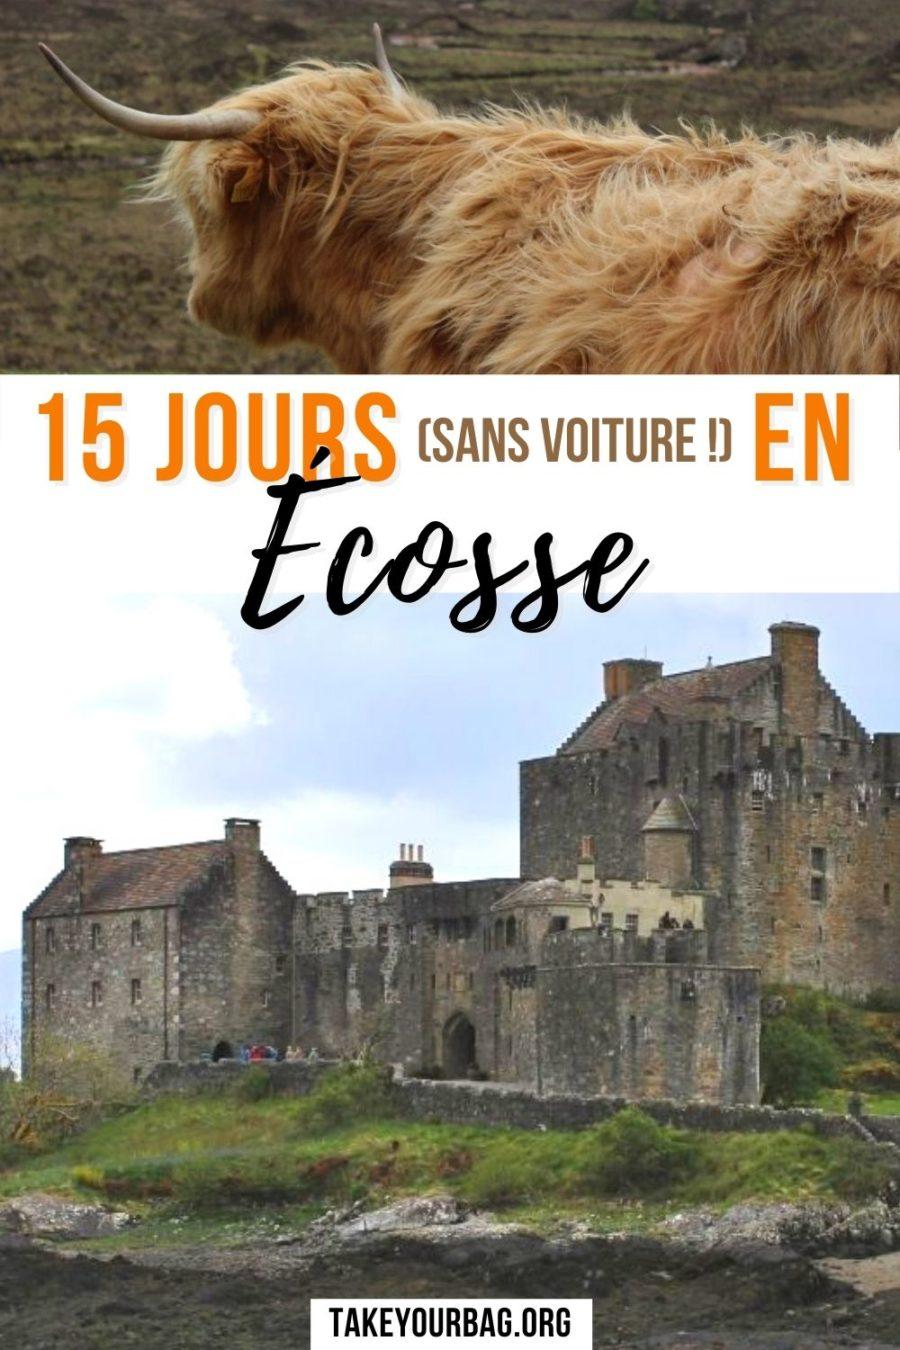 15 jours pour visiter l'Ecosse sans voiture Pinterest